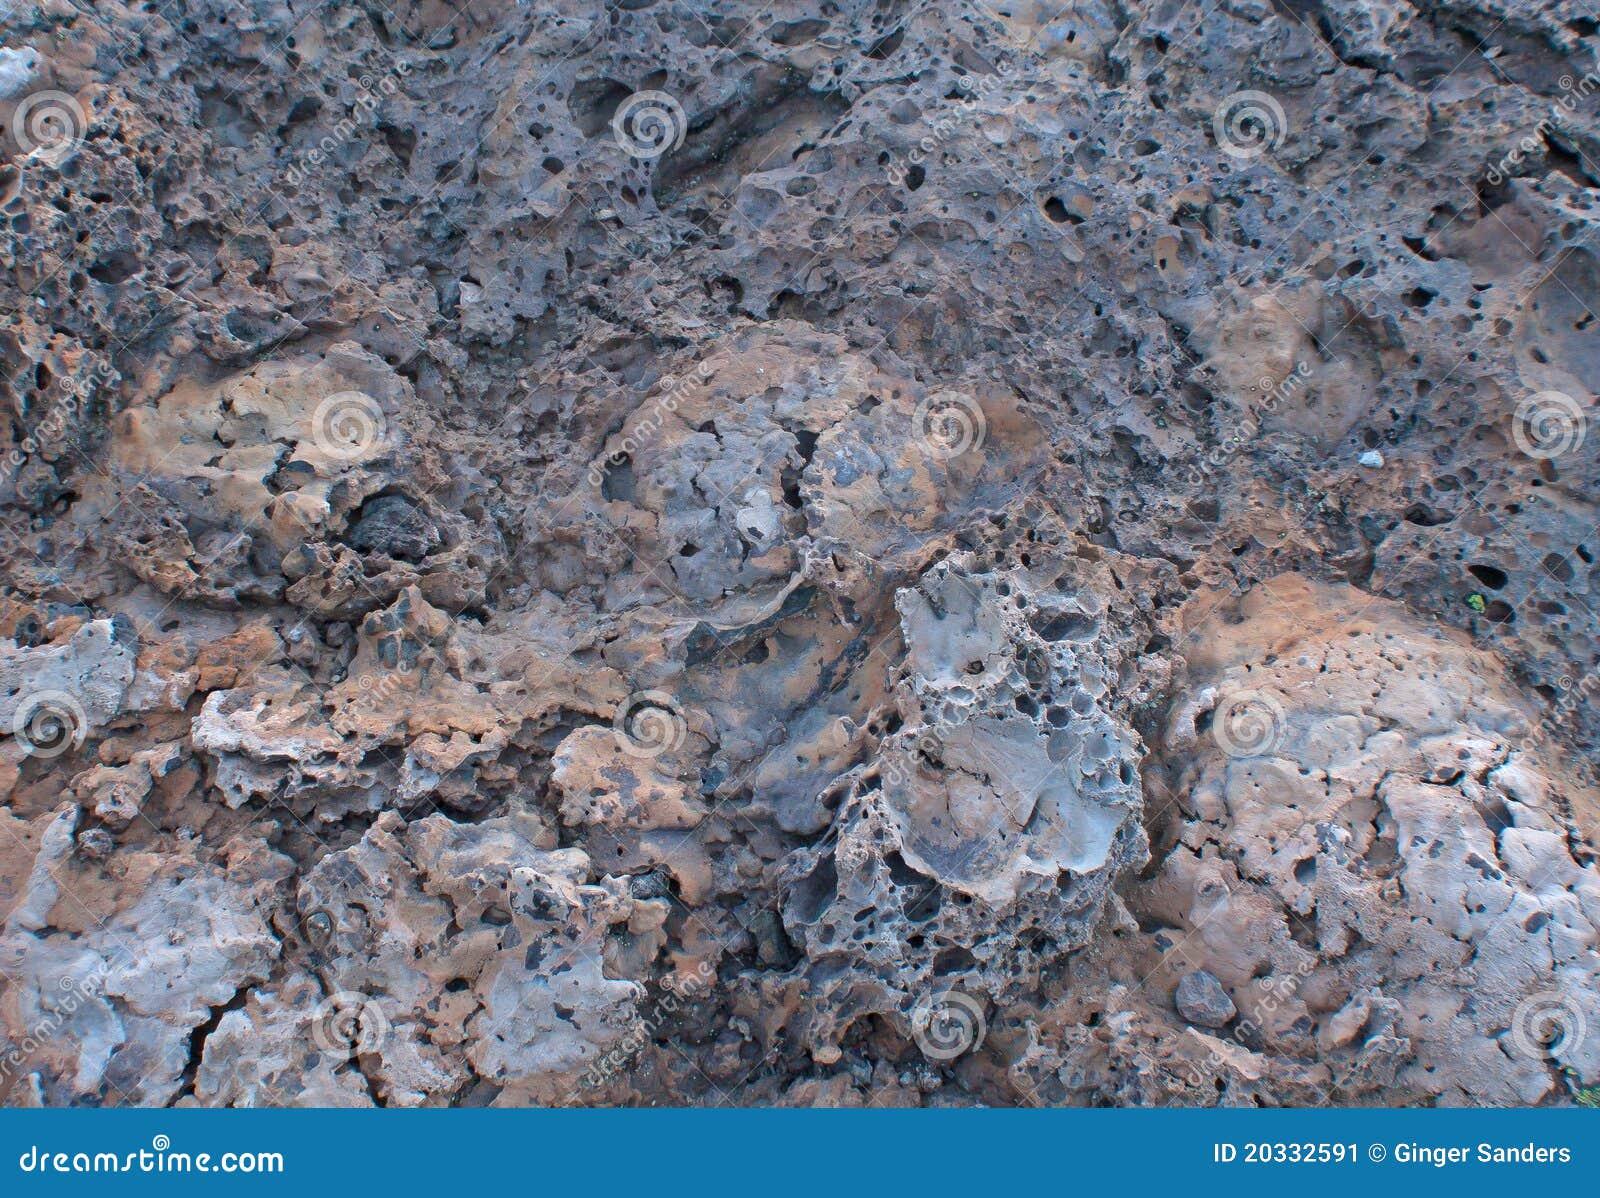 Multicolor Lava Tufa Rock Background